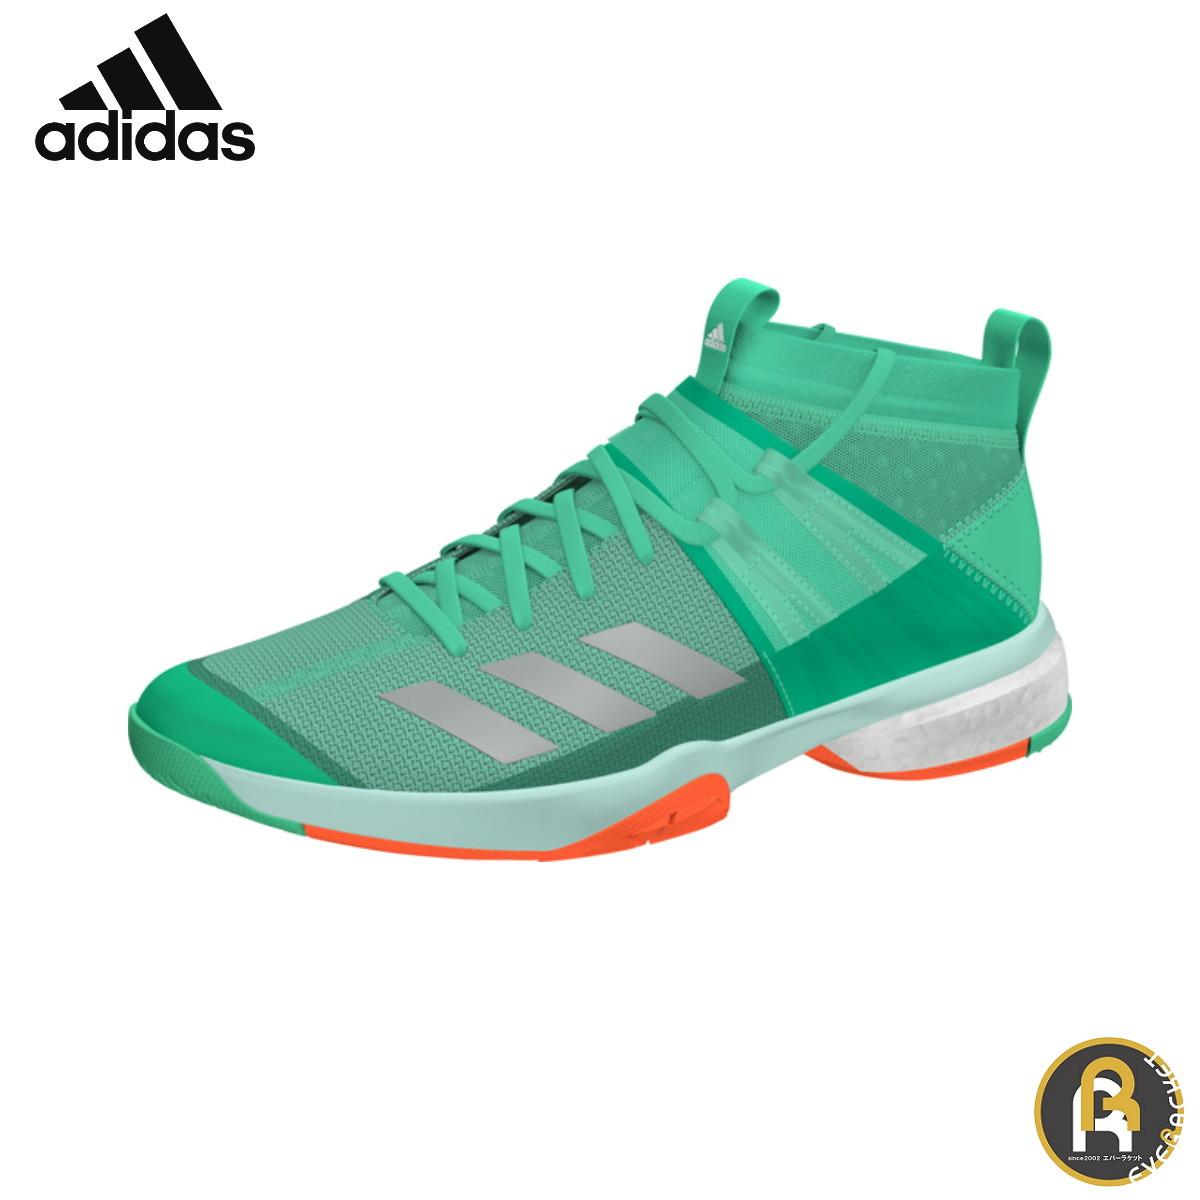 【アディダスクリアランス】 adidas バドミントン バドミントンシューズ ヴフトP8.1 ブーストシューズ ハイレゾグリーン DA8868